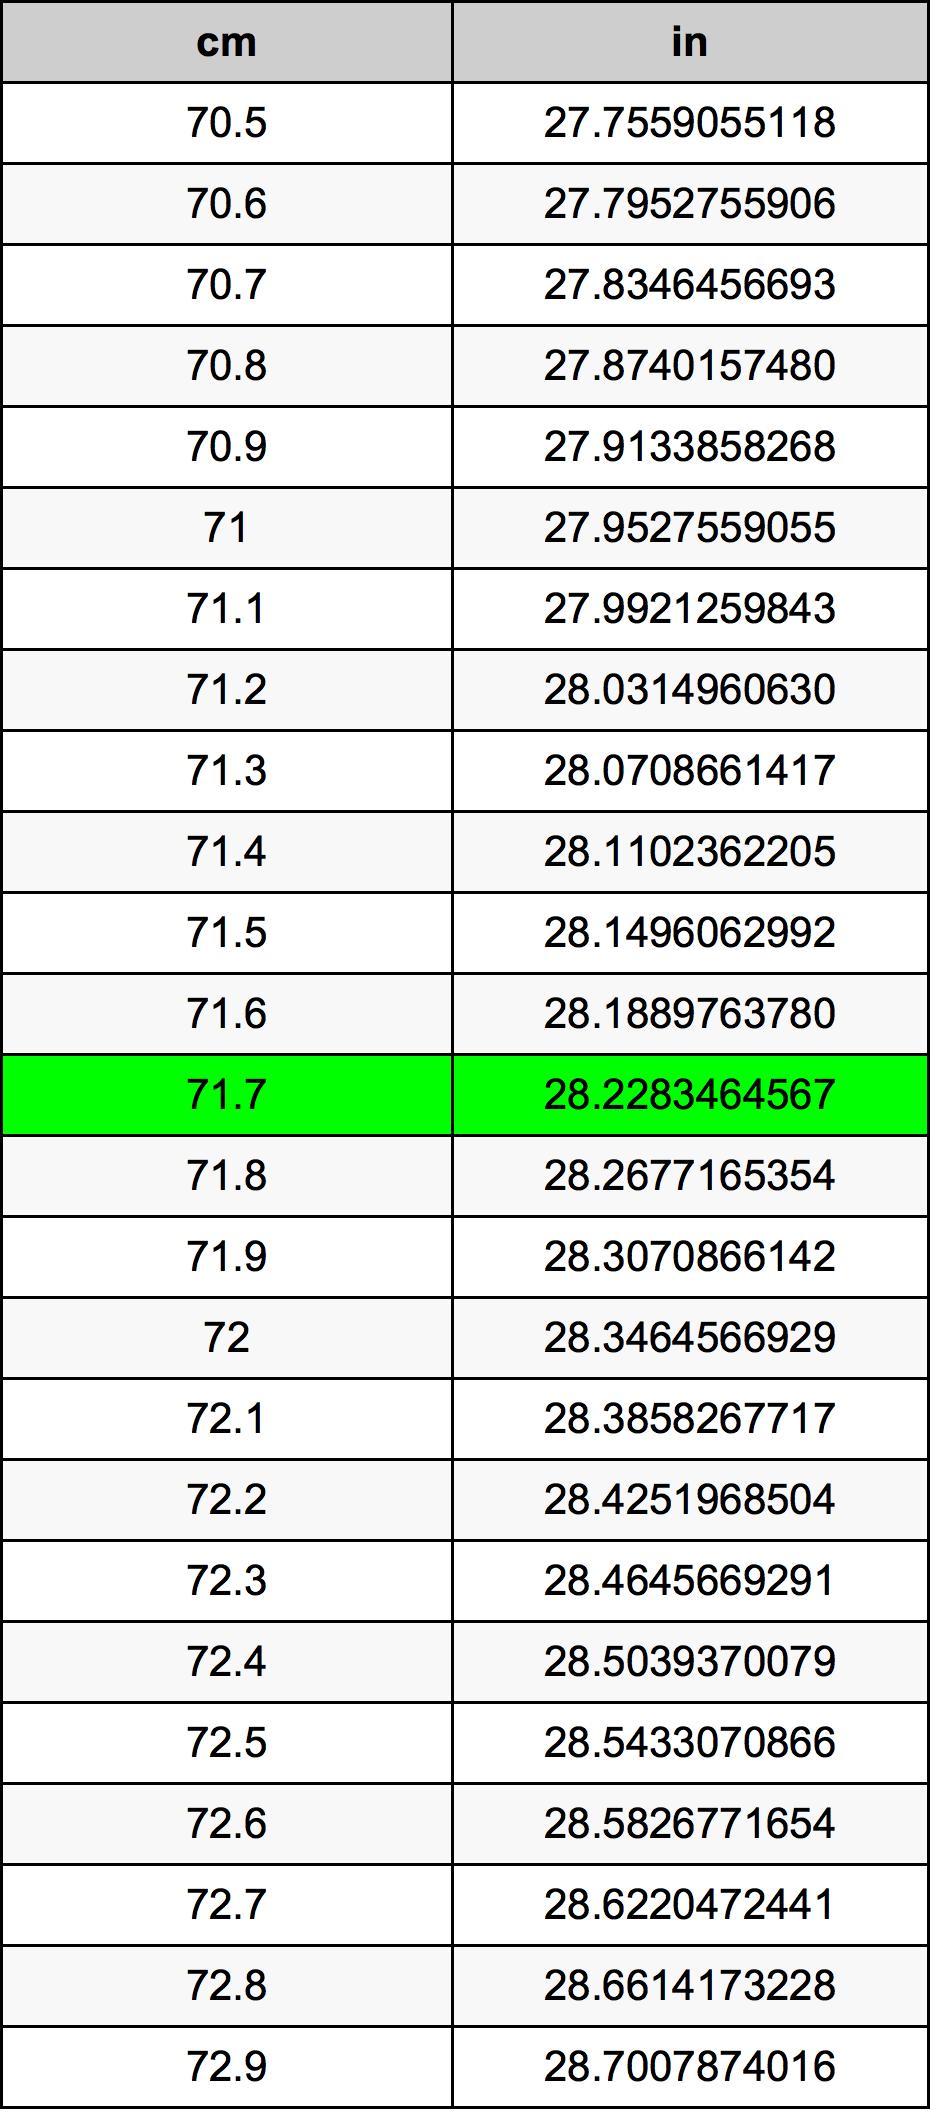 71.7 सेंटीमीटर रूपांतरण सारणी